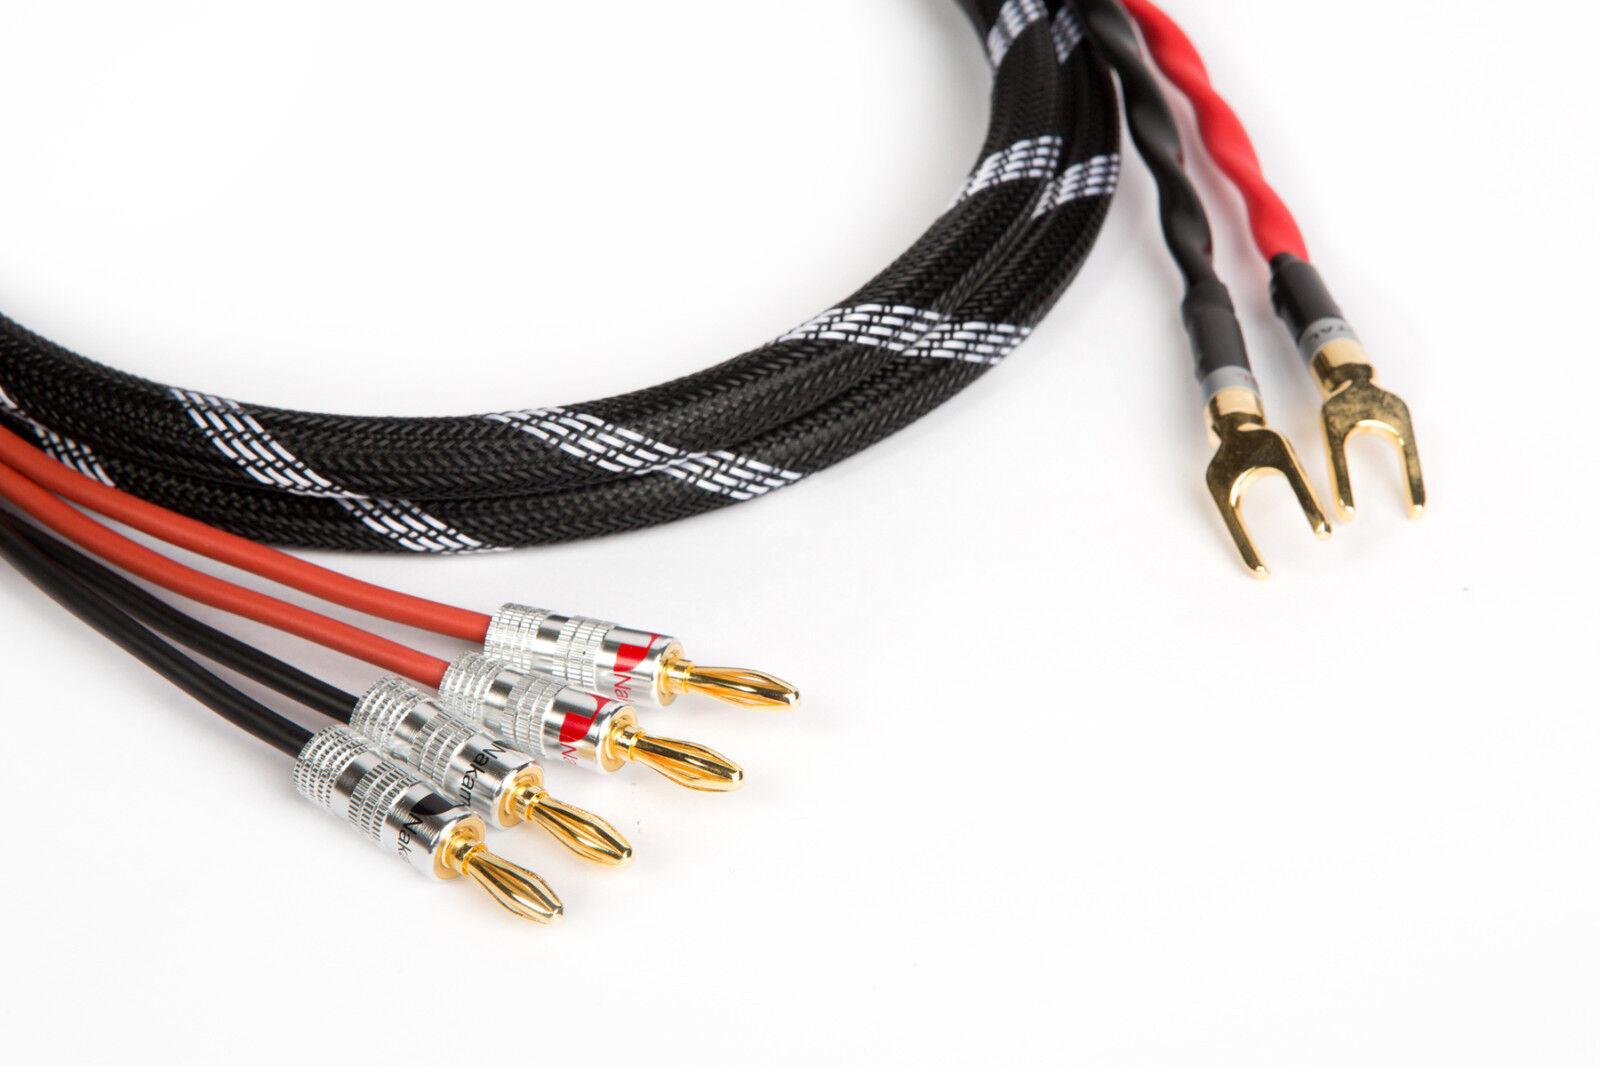 Canare 4s11 Hi-fi Bi-wire Speaker Cable Single Braided 2 Spade /4 ...